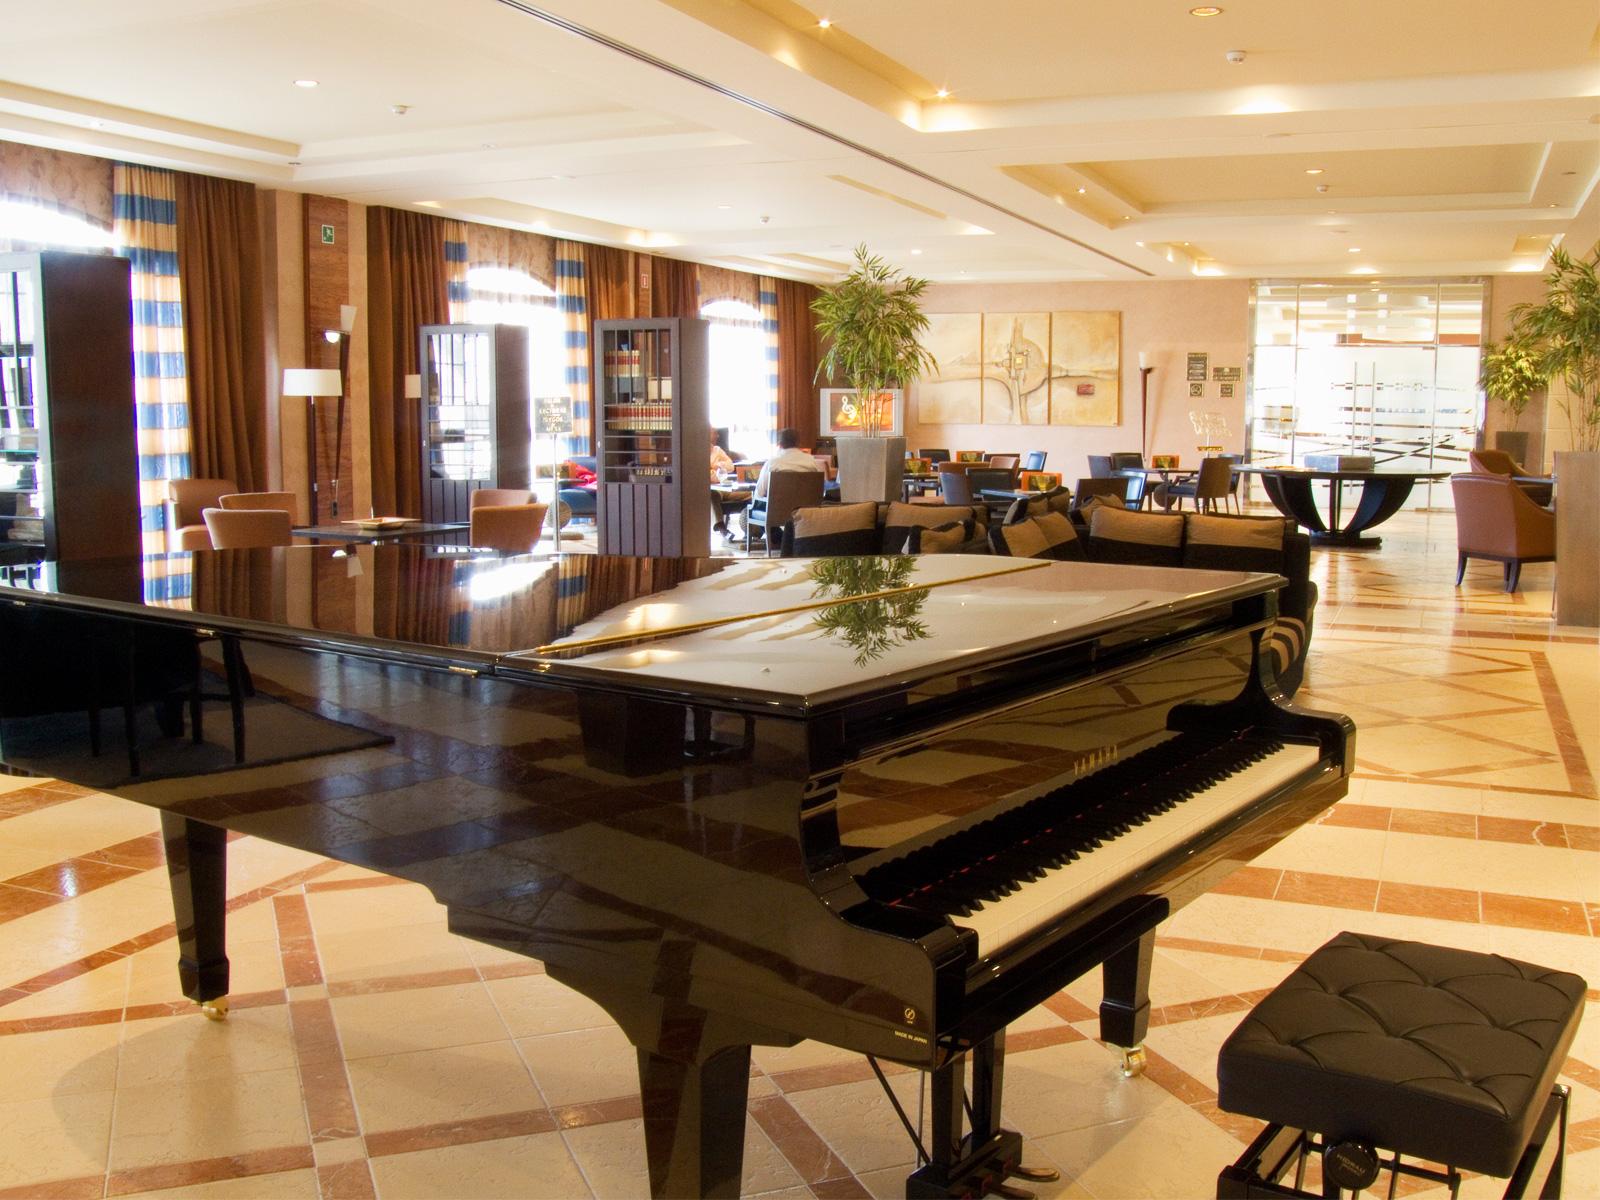 Interior-Wellness Hotel Almería - Vincci Hoteles